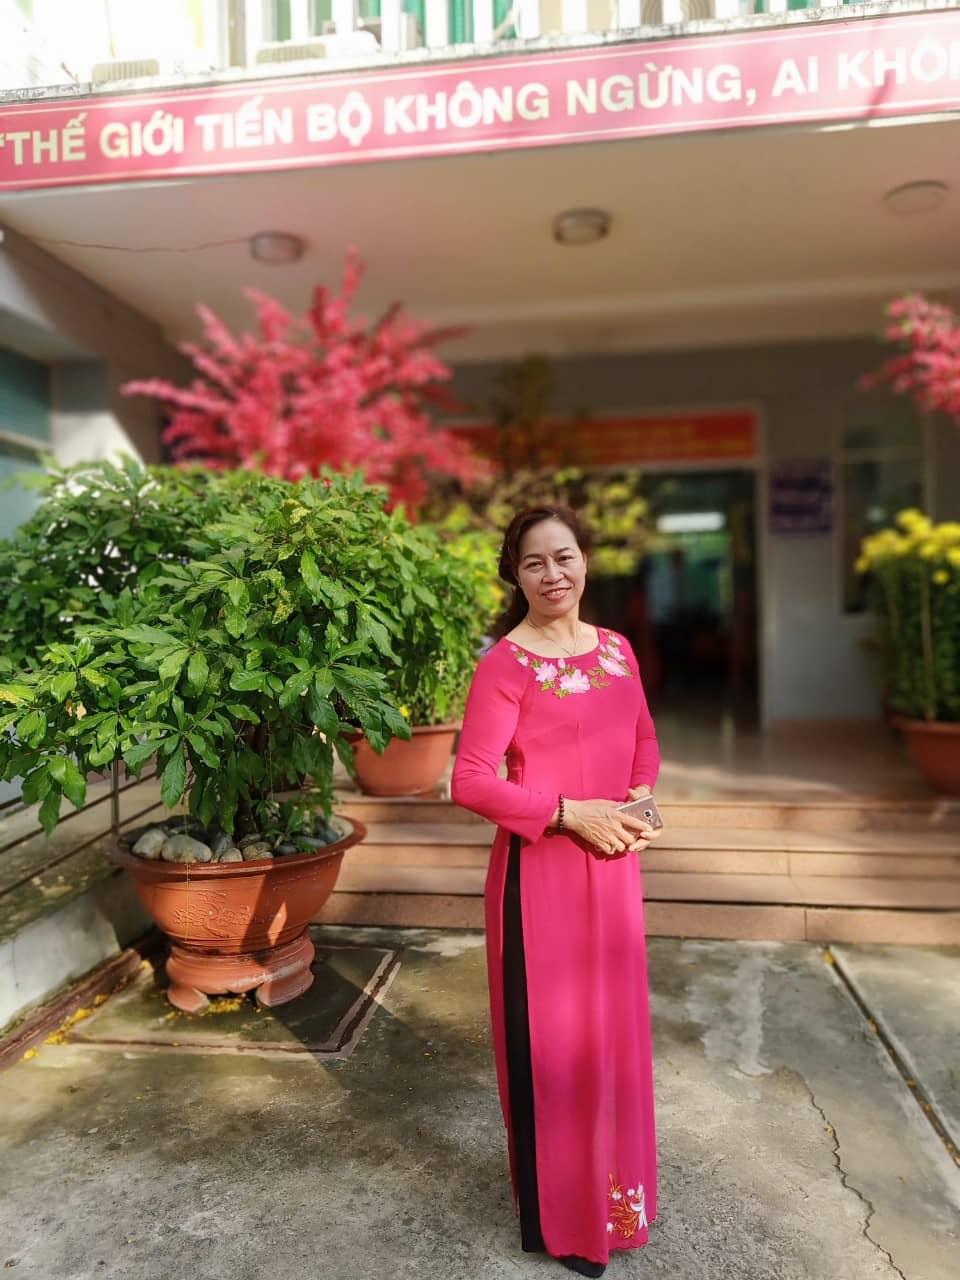 Bà Nguyễn Thị Thiết, nữ chủ nhà trọ phường Bình An, Quận 2.